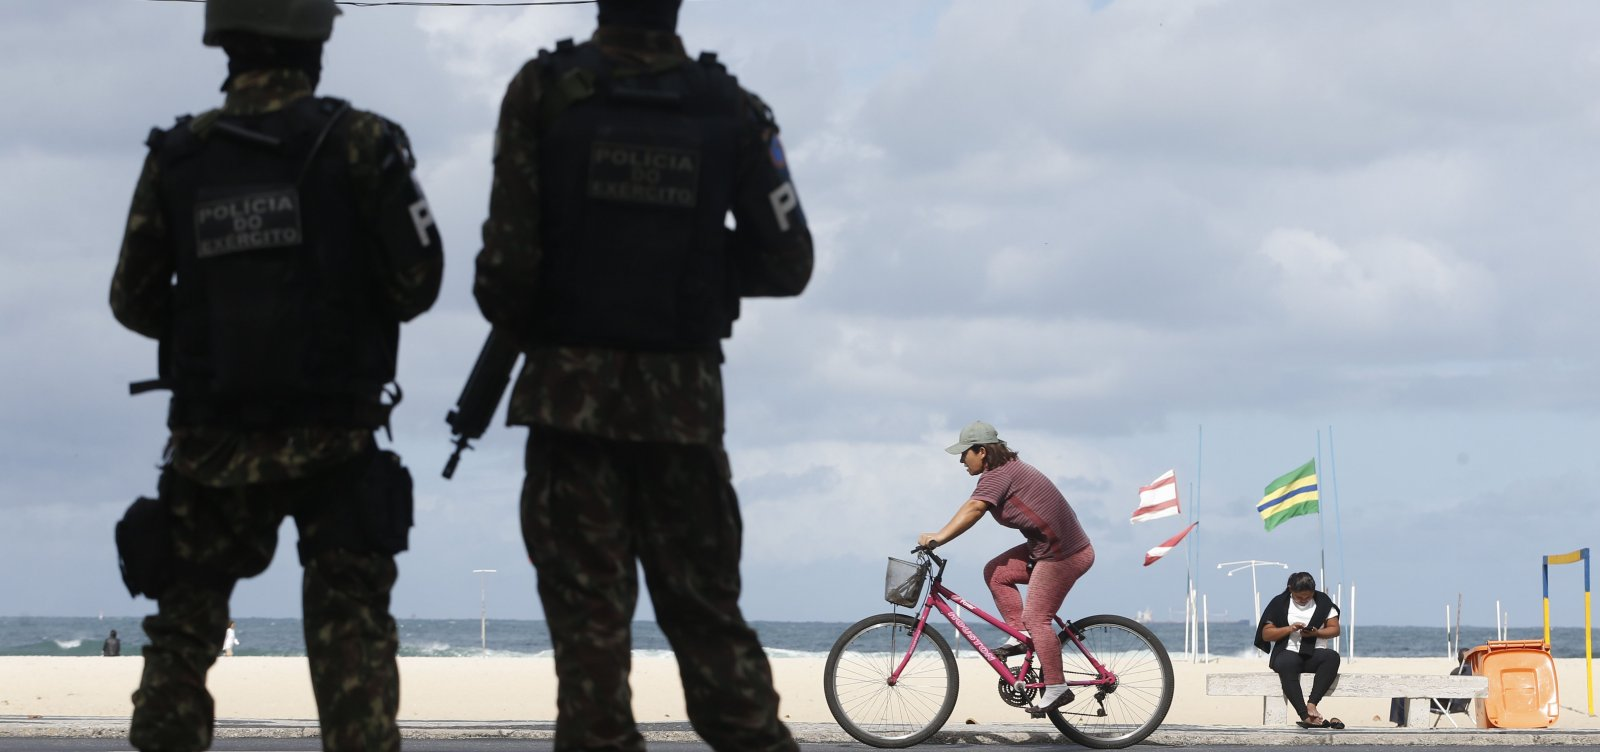 [Cresce 7,2% número de mortes violentas no RJ, diz Fórum Brasileiro de Segurança Pública]